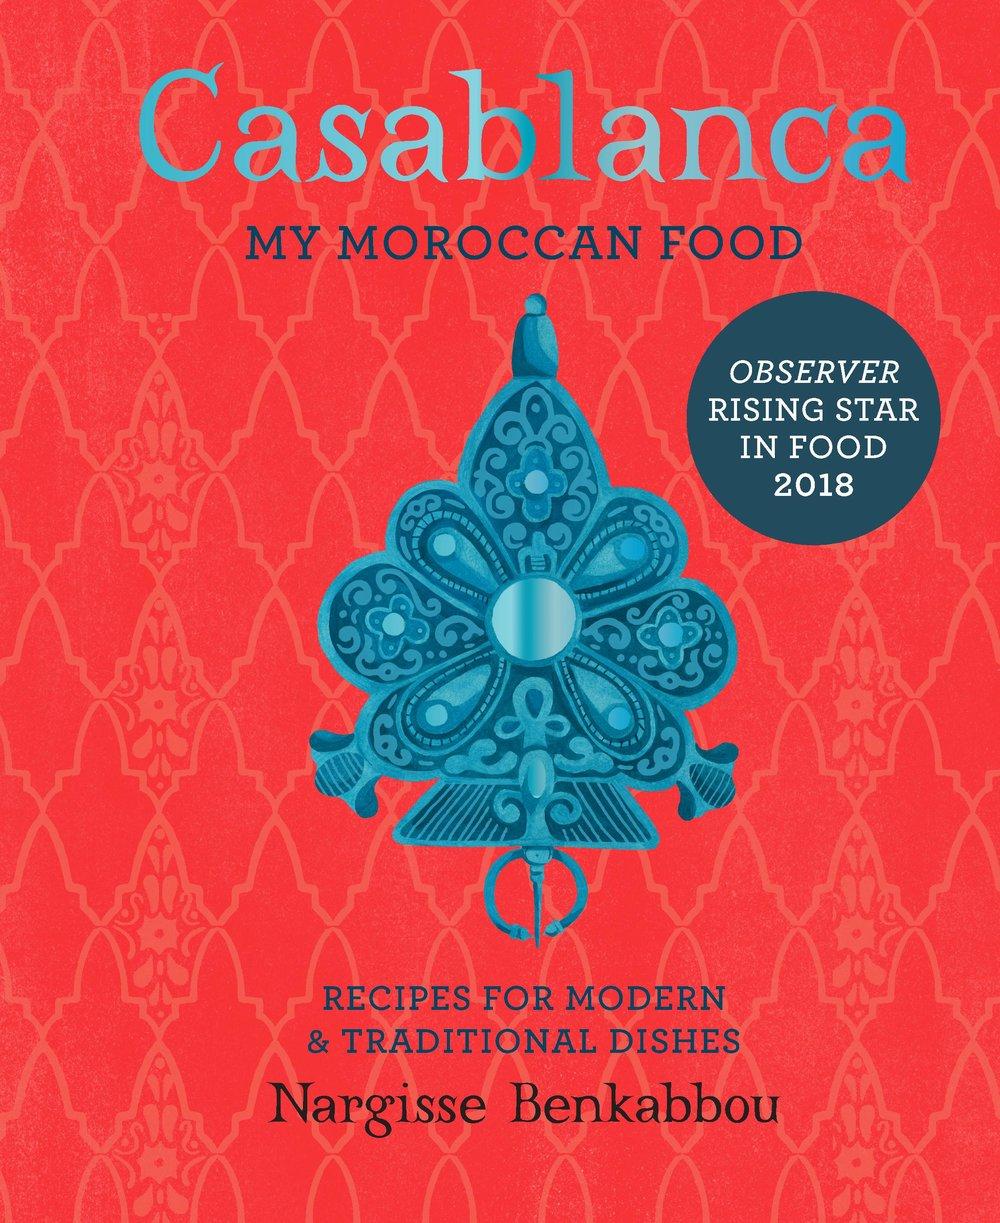 Casablanca+case+front+with+sticker.jpg